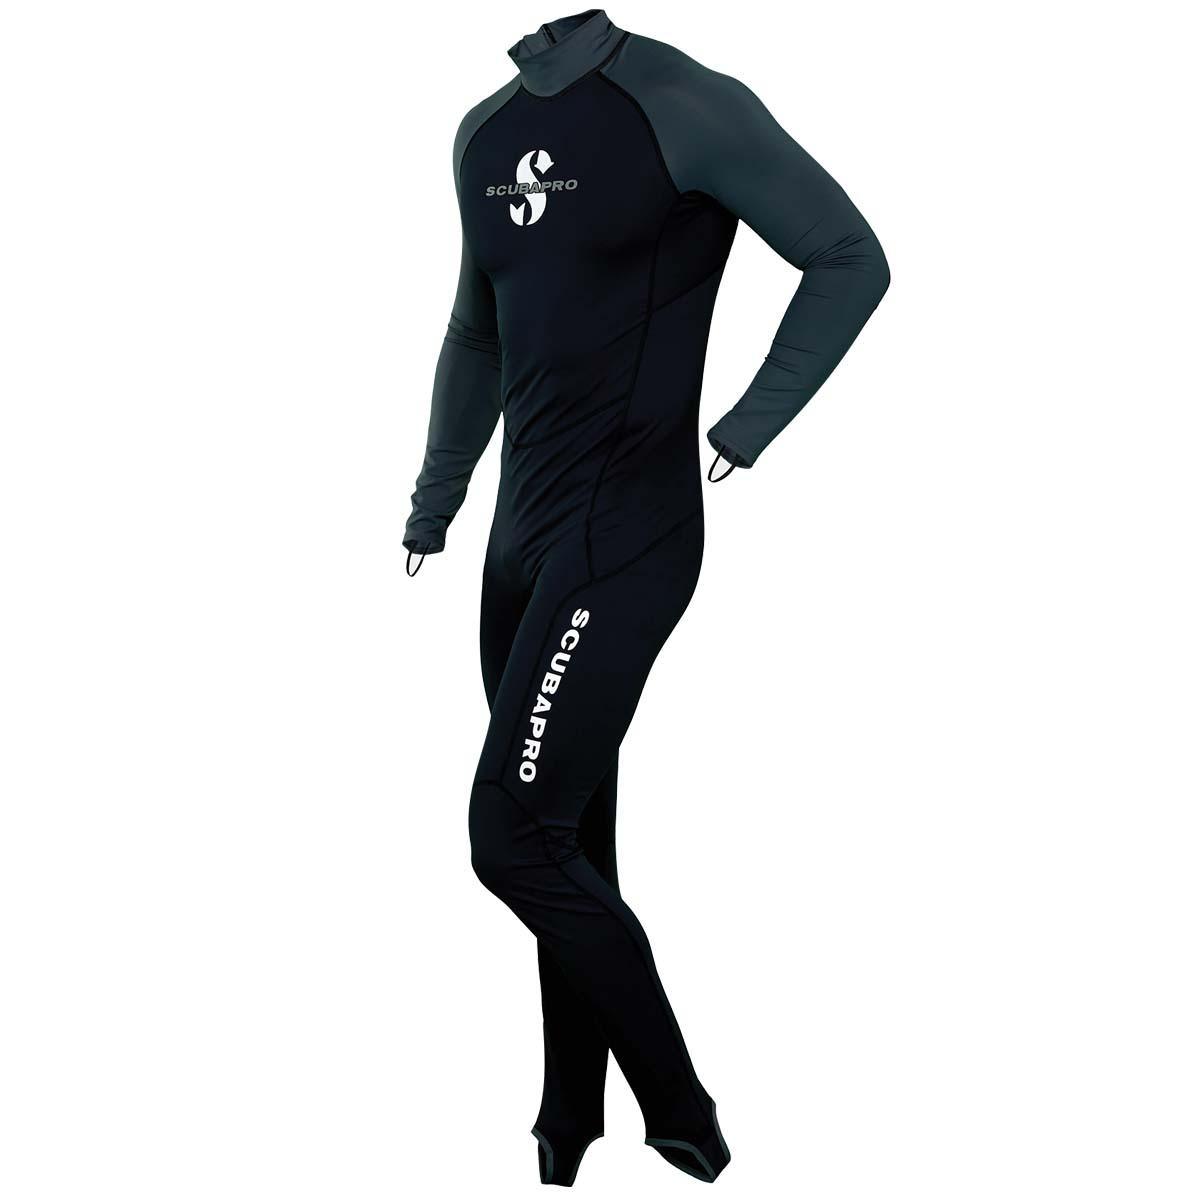 Мъжки водолазен костюм от ликра с UV защита STEAMER GRAPHITE Man - Scubapro